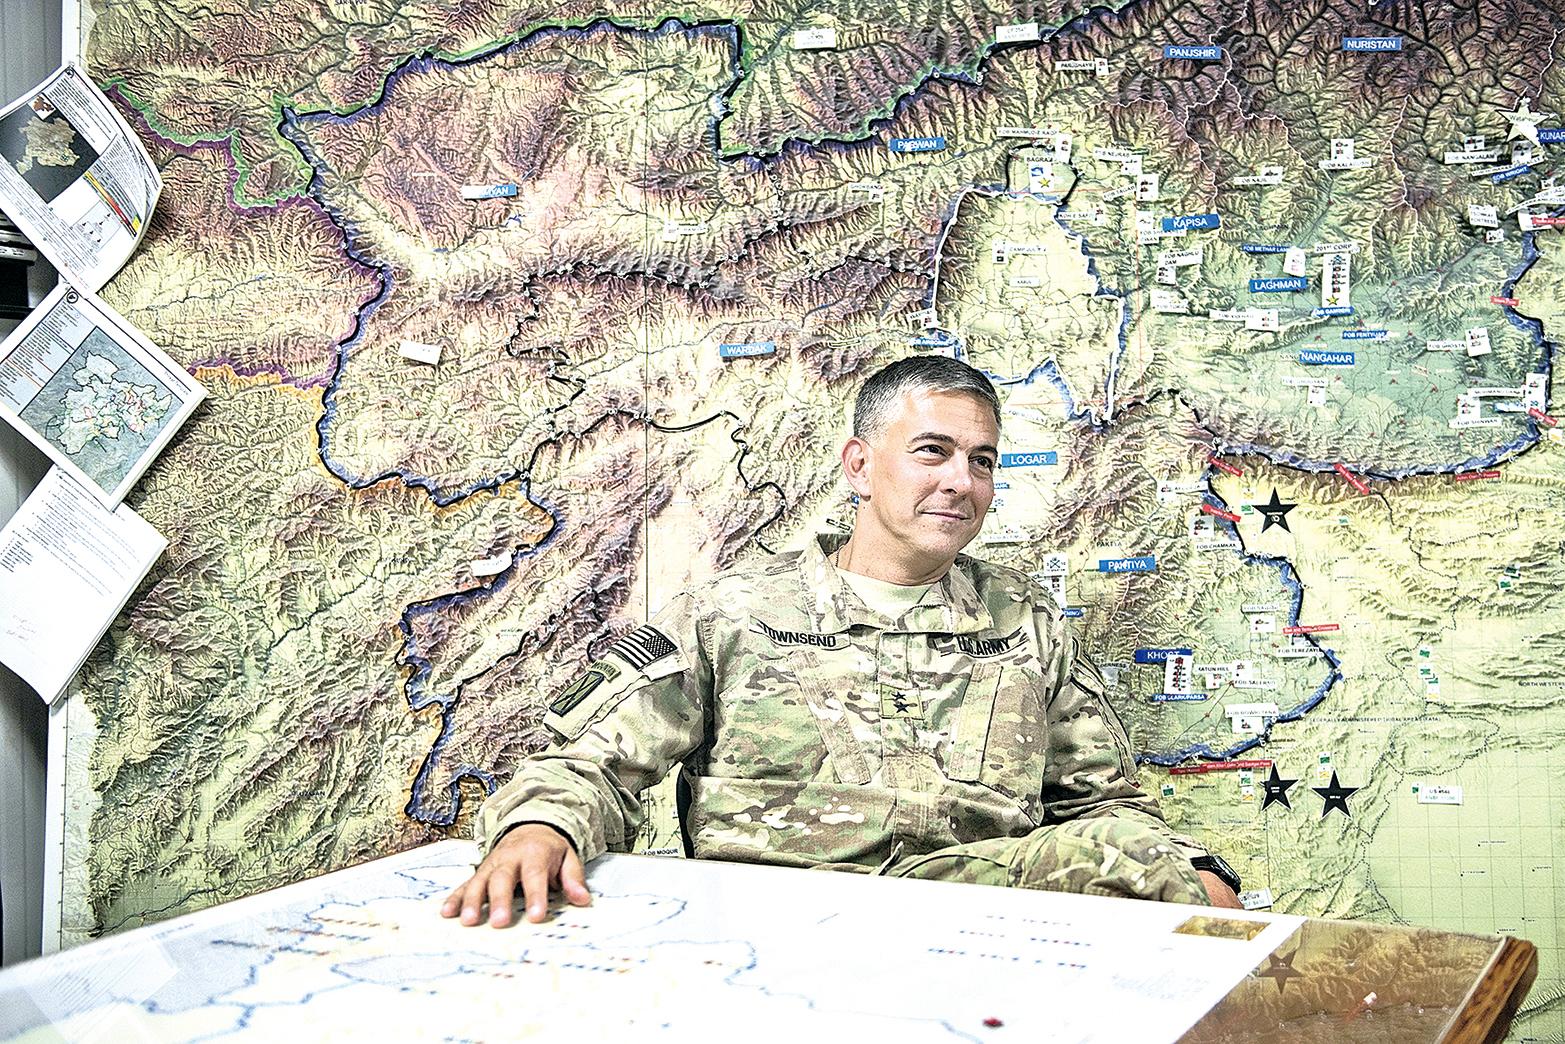 2014年5月30日,阿富汗。時任美國陸軍第10山地師司令官的史蒂芬‧湯森(Stephen Townsend)少將在帕爾旺省(Parwan)的巴格拉姆機場(Bagram Airfield)。(AFP)